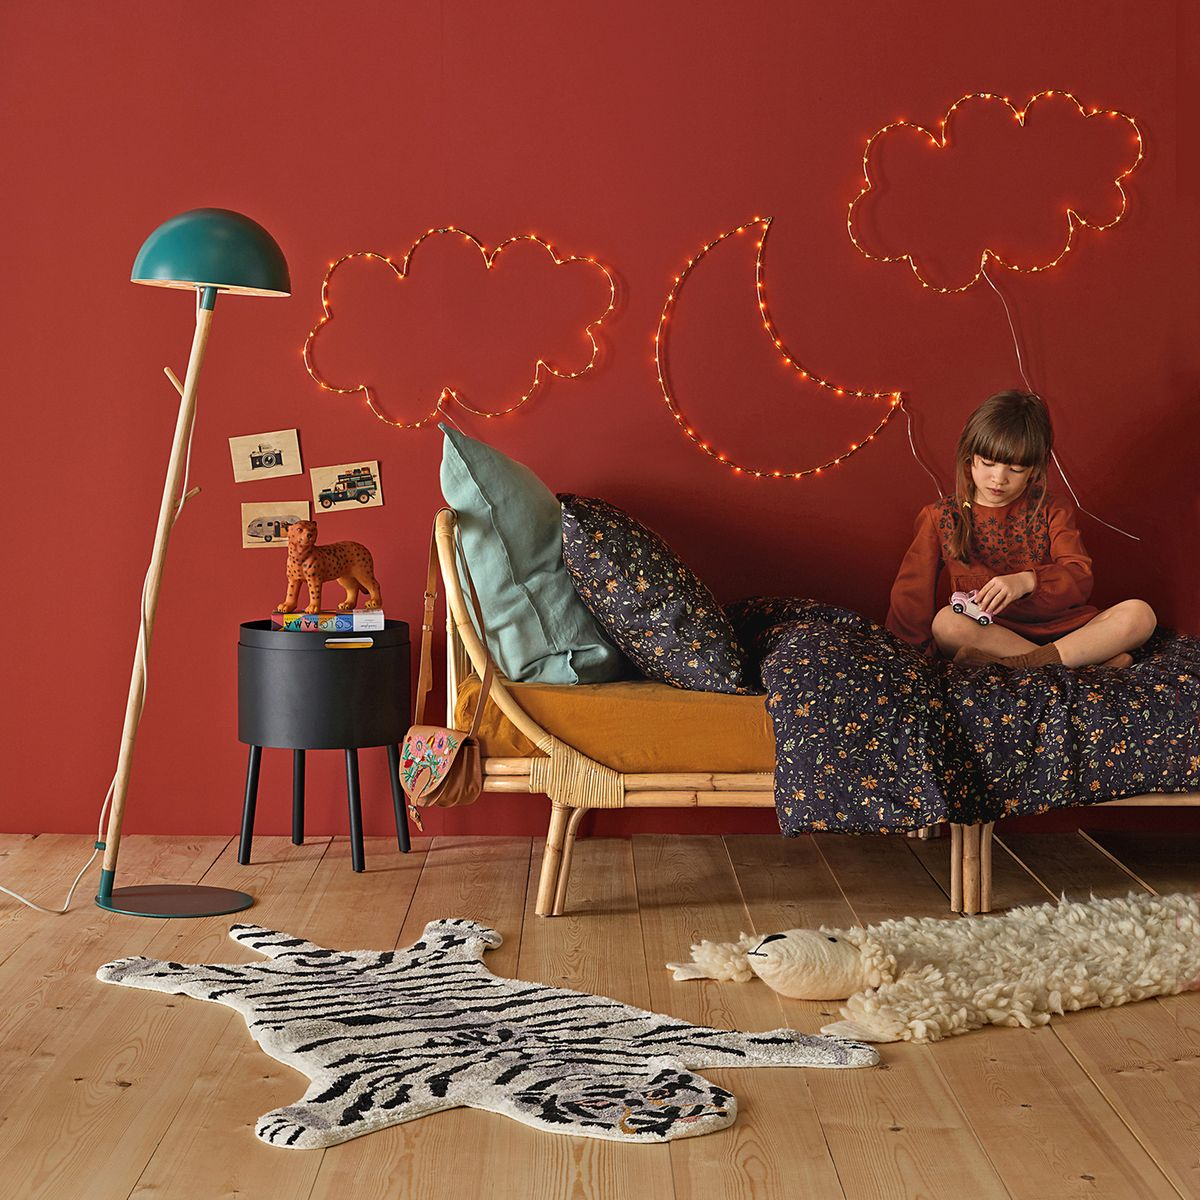 Lampe Veilleuse Lapin Miffy 10 luminaires déco pour une chambre d'enfant | madame décore